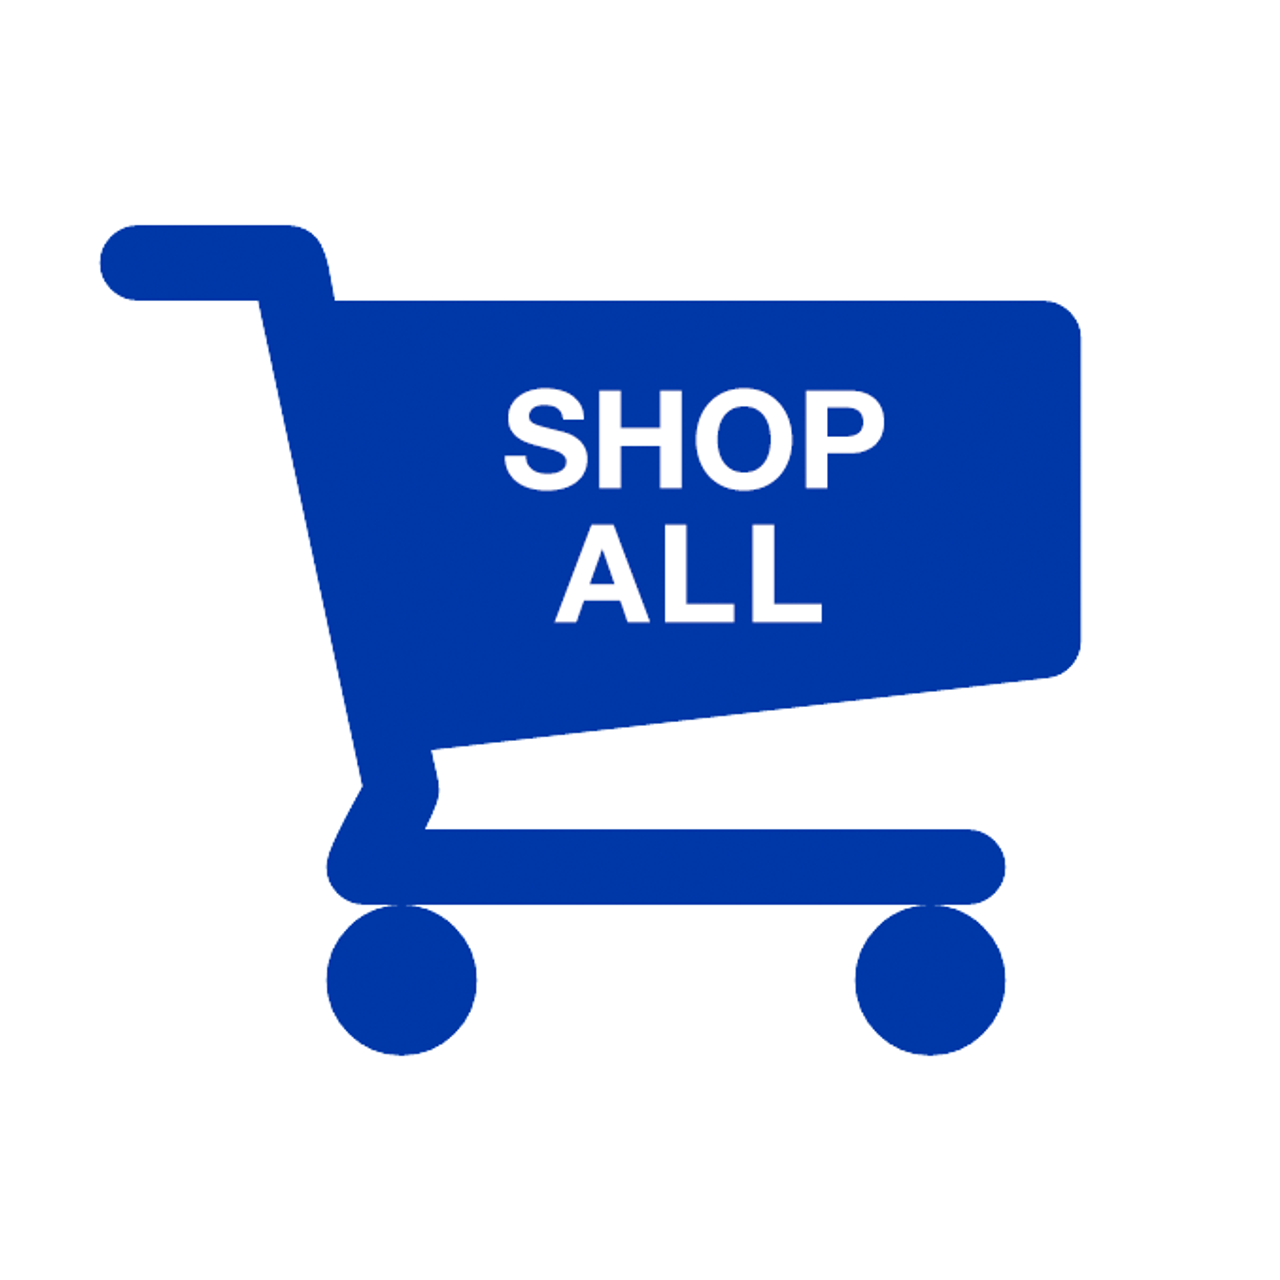 Shop All